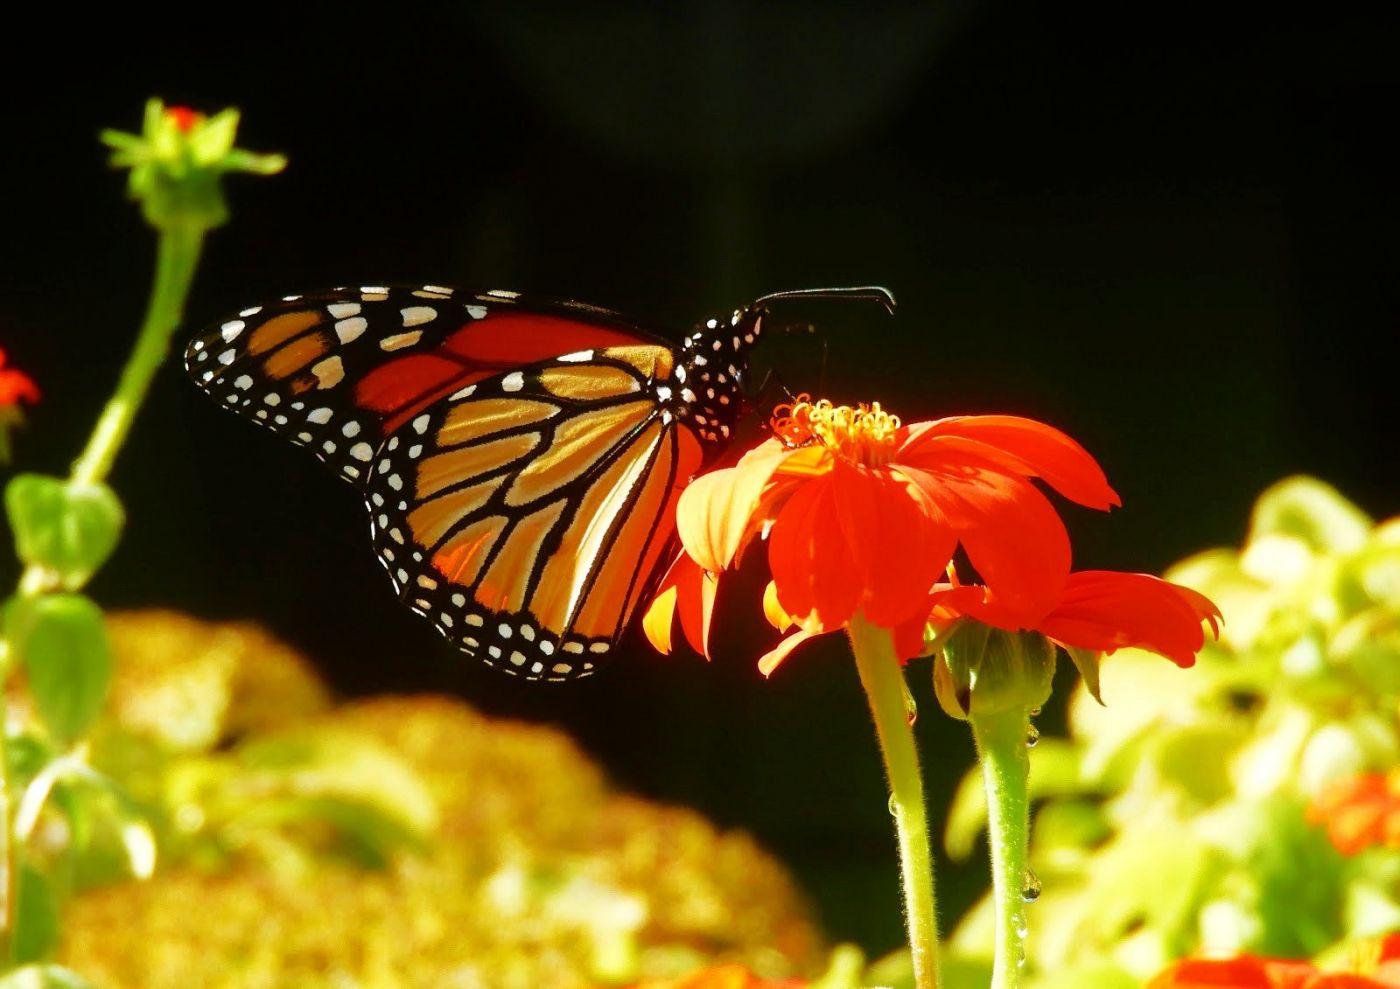 赫尔希花园看蝴蝶_图1-19